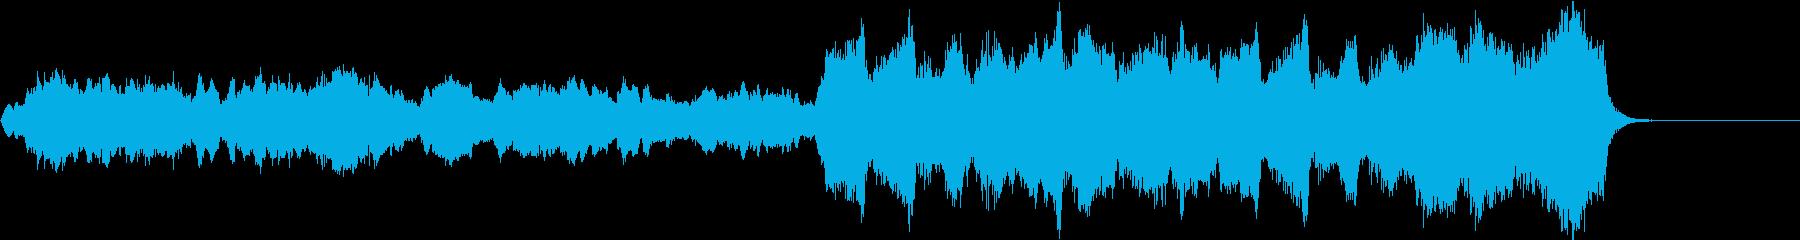 切ない別れの季節の曲/短調の再生済みの波形